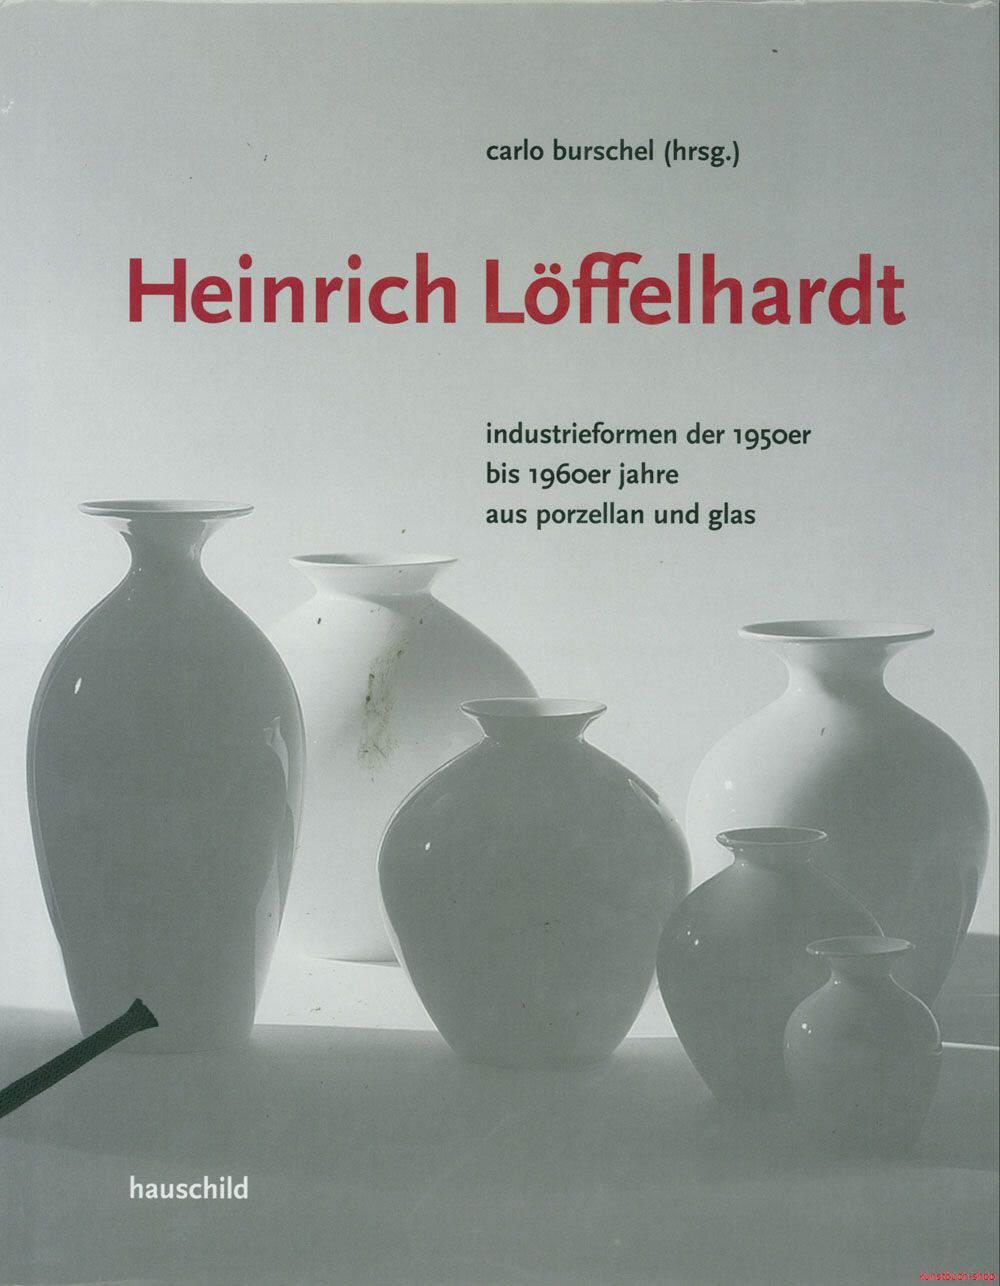 Heinrich Löffelhardt